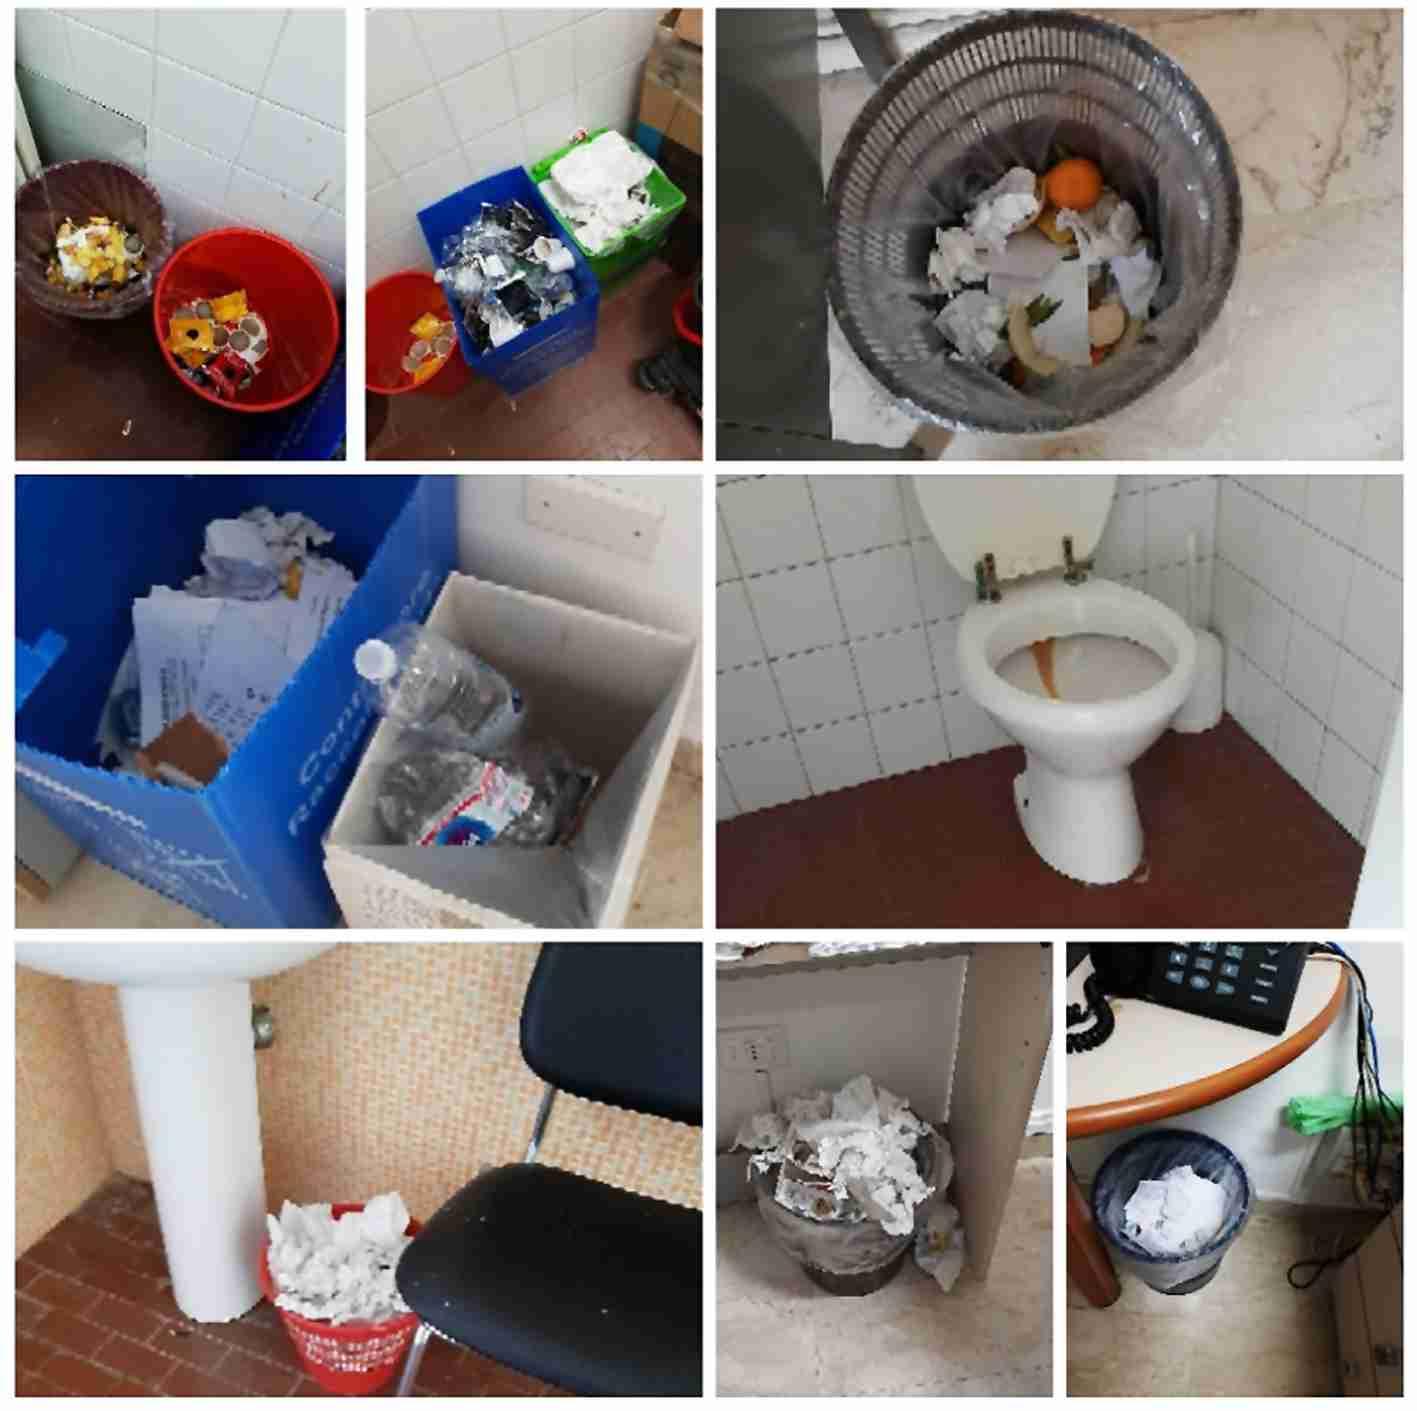 Plesso comunale di via Sipione, i dipendenti lamentano la mancanza di pulizia e sanificazione